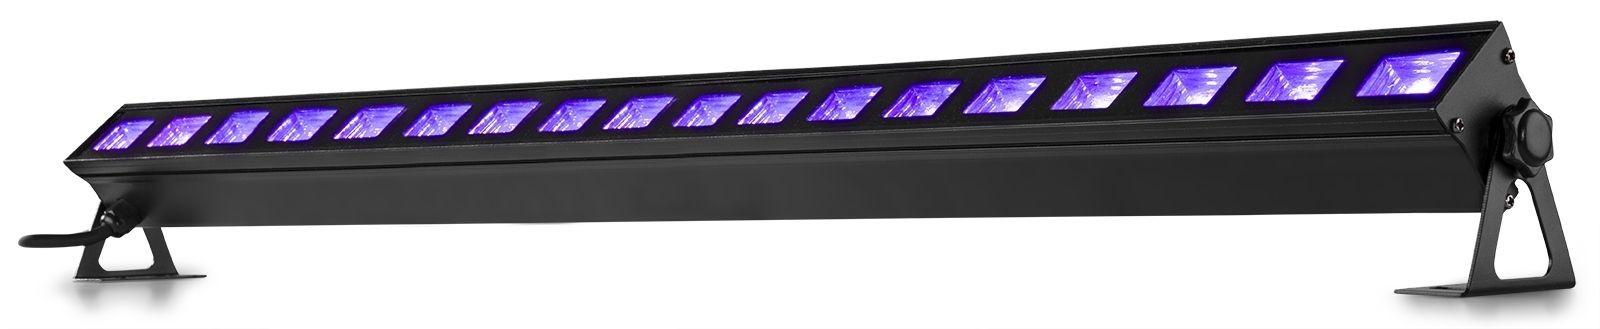 BARRE LED UV 1MT LUMIERE NOIRE